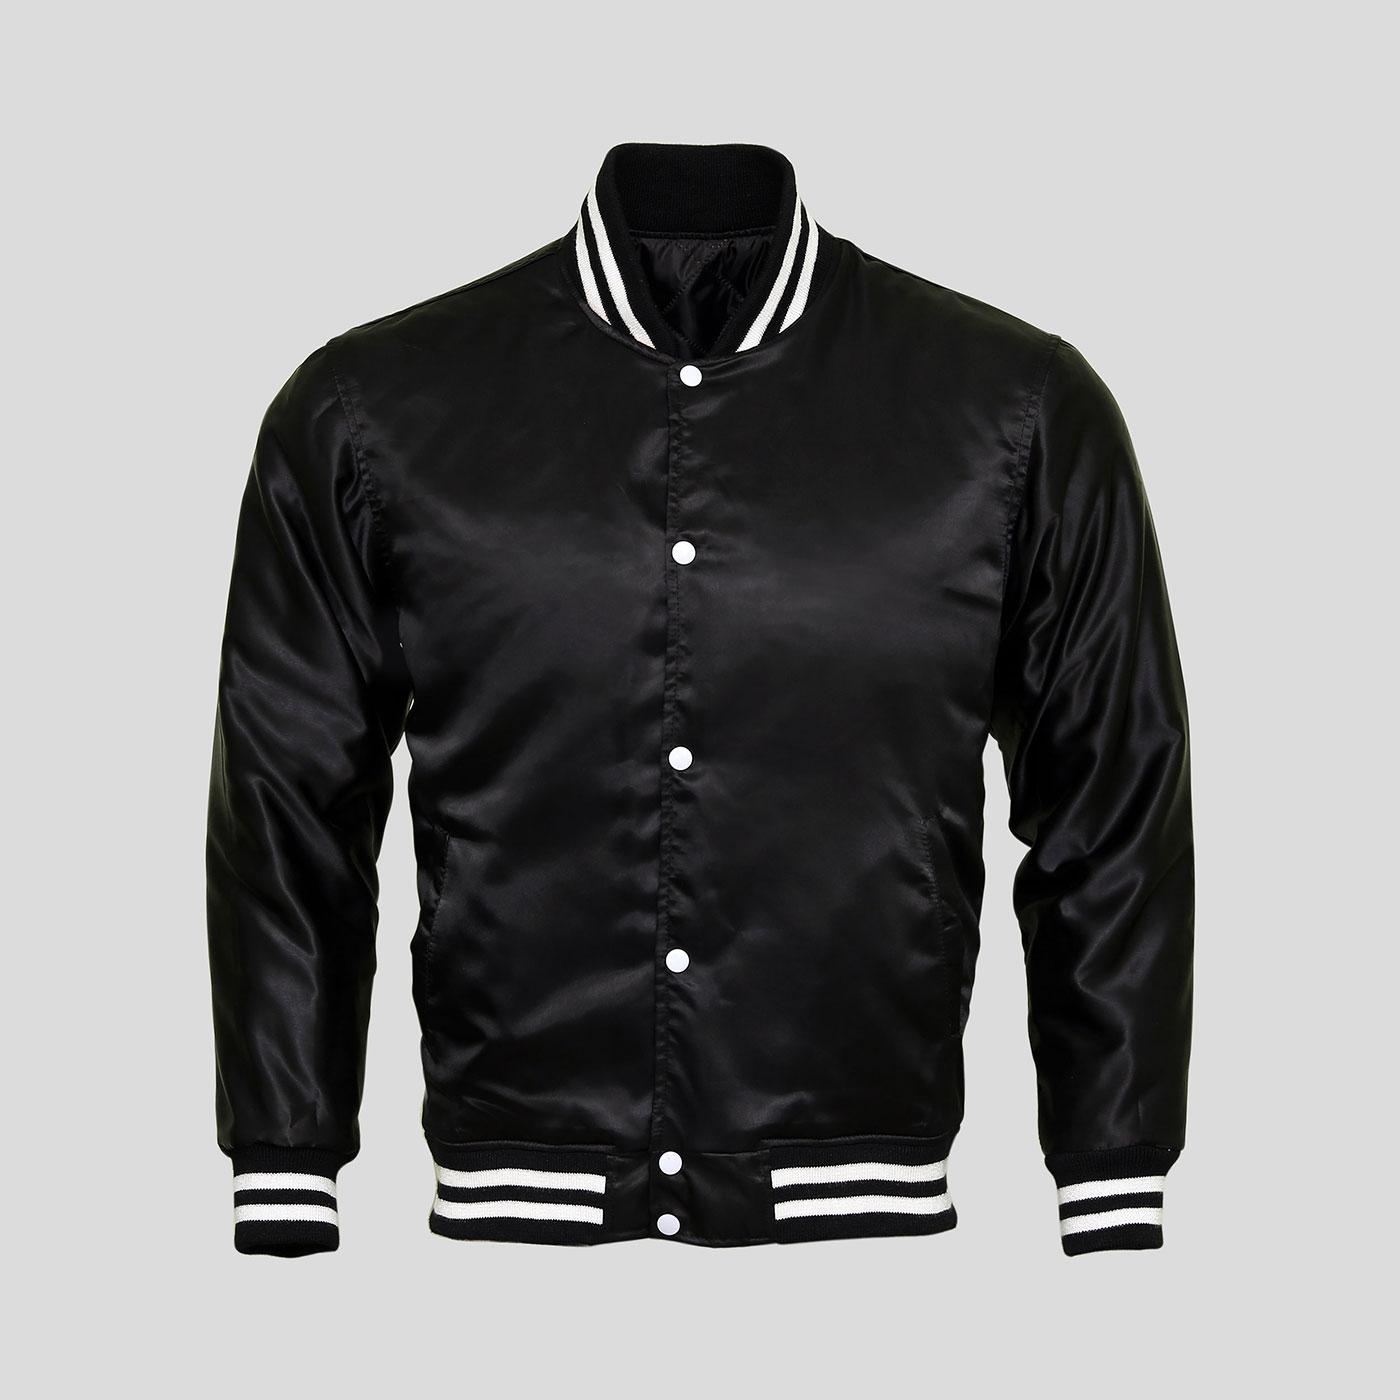 Custom Varsity Jackets for Men and Women | Clothoo